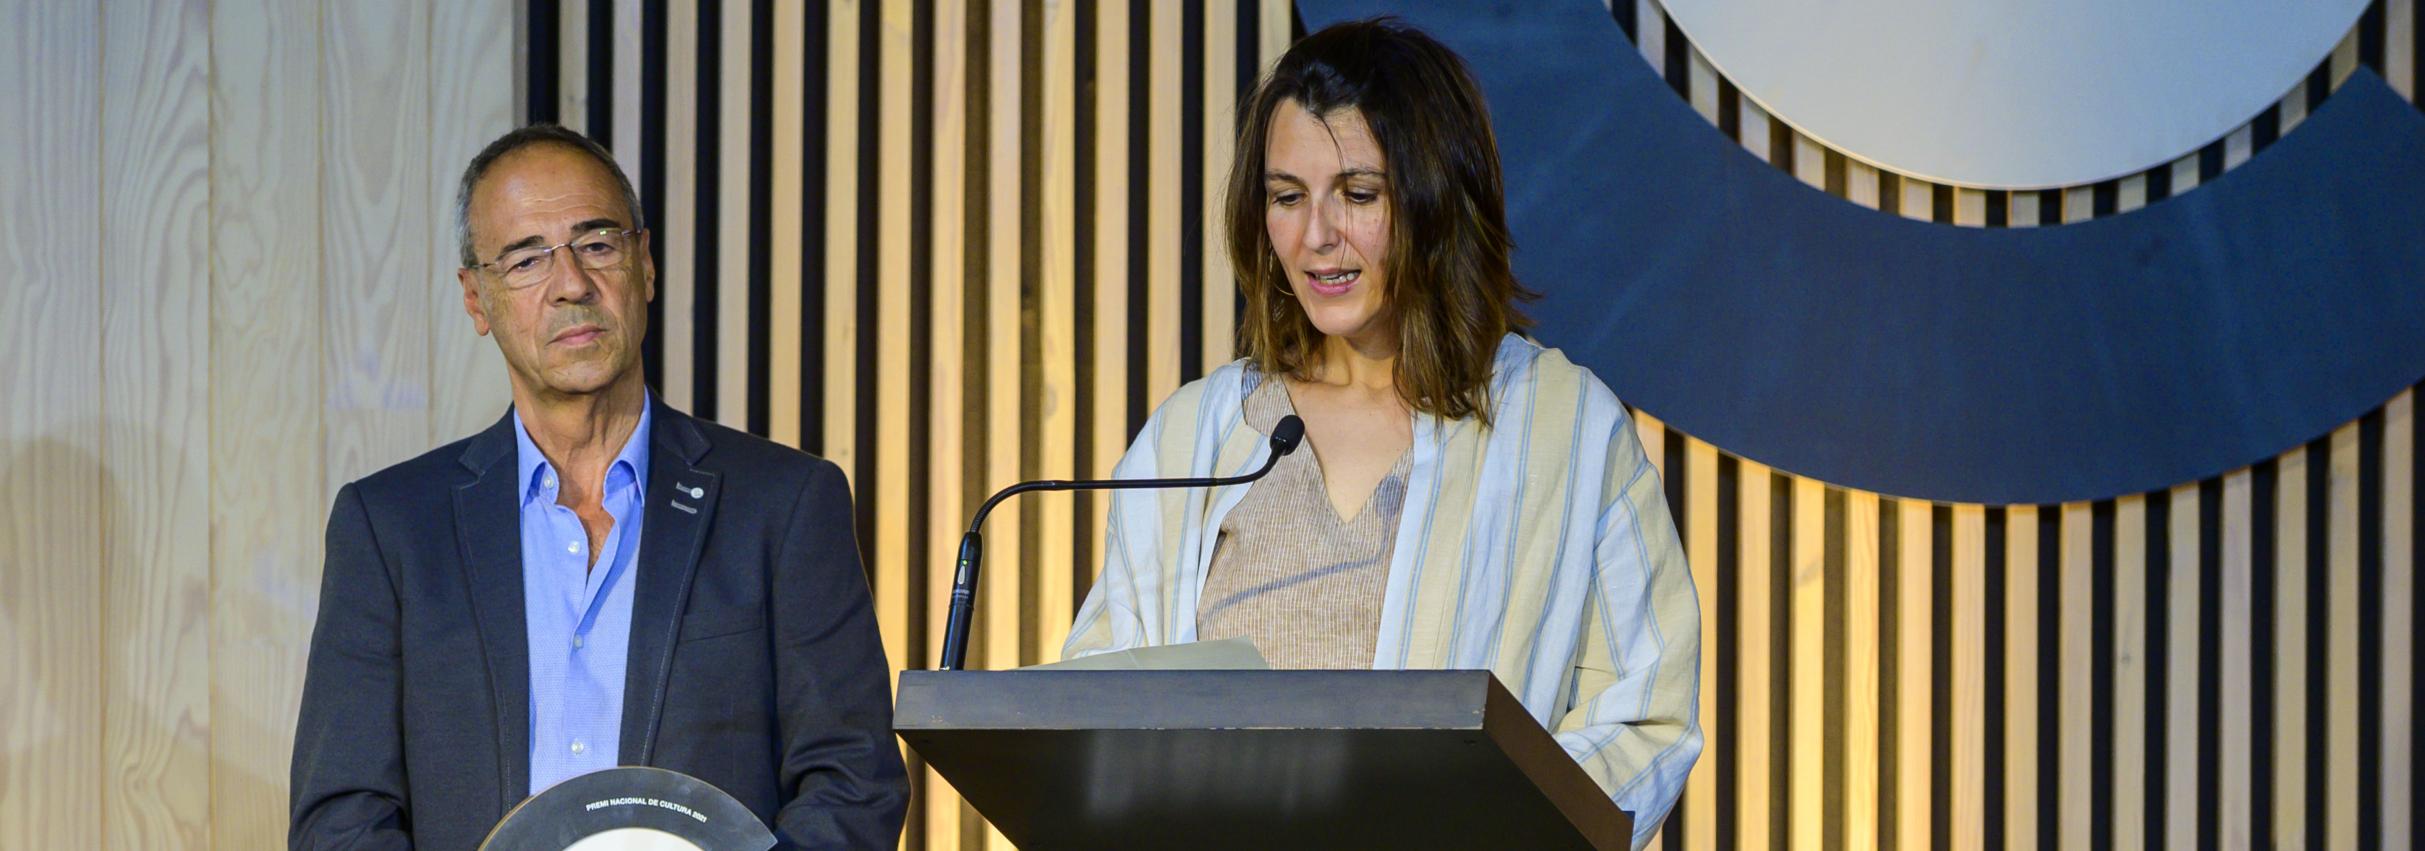 El Dansàneu rep el Premi Nacional de Cultura 2021 que atorga el CoNCA - DANSÀNEU - FESTIVAL DE CULTURES DEL PIRINEU